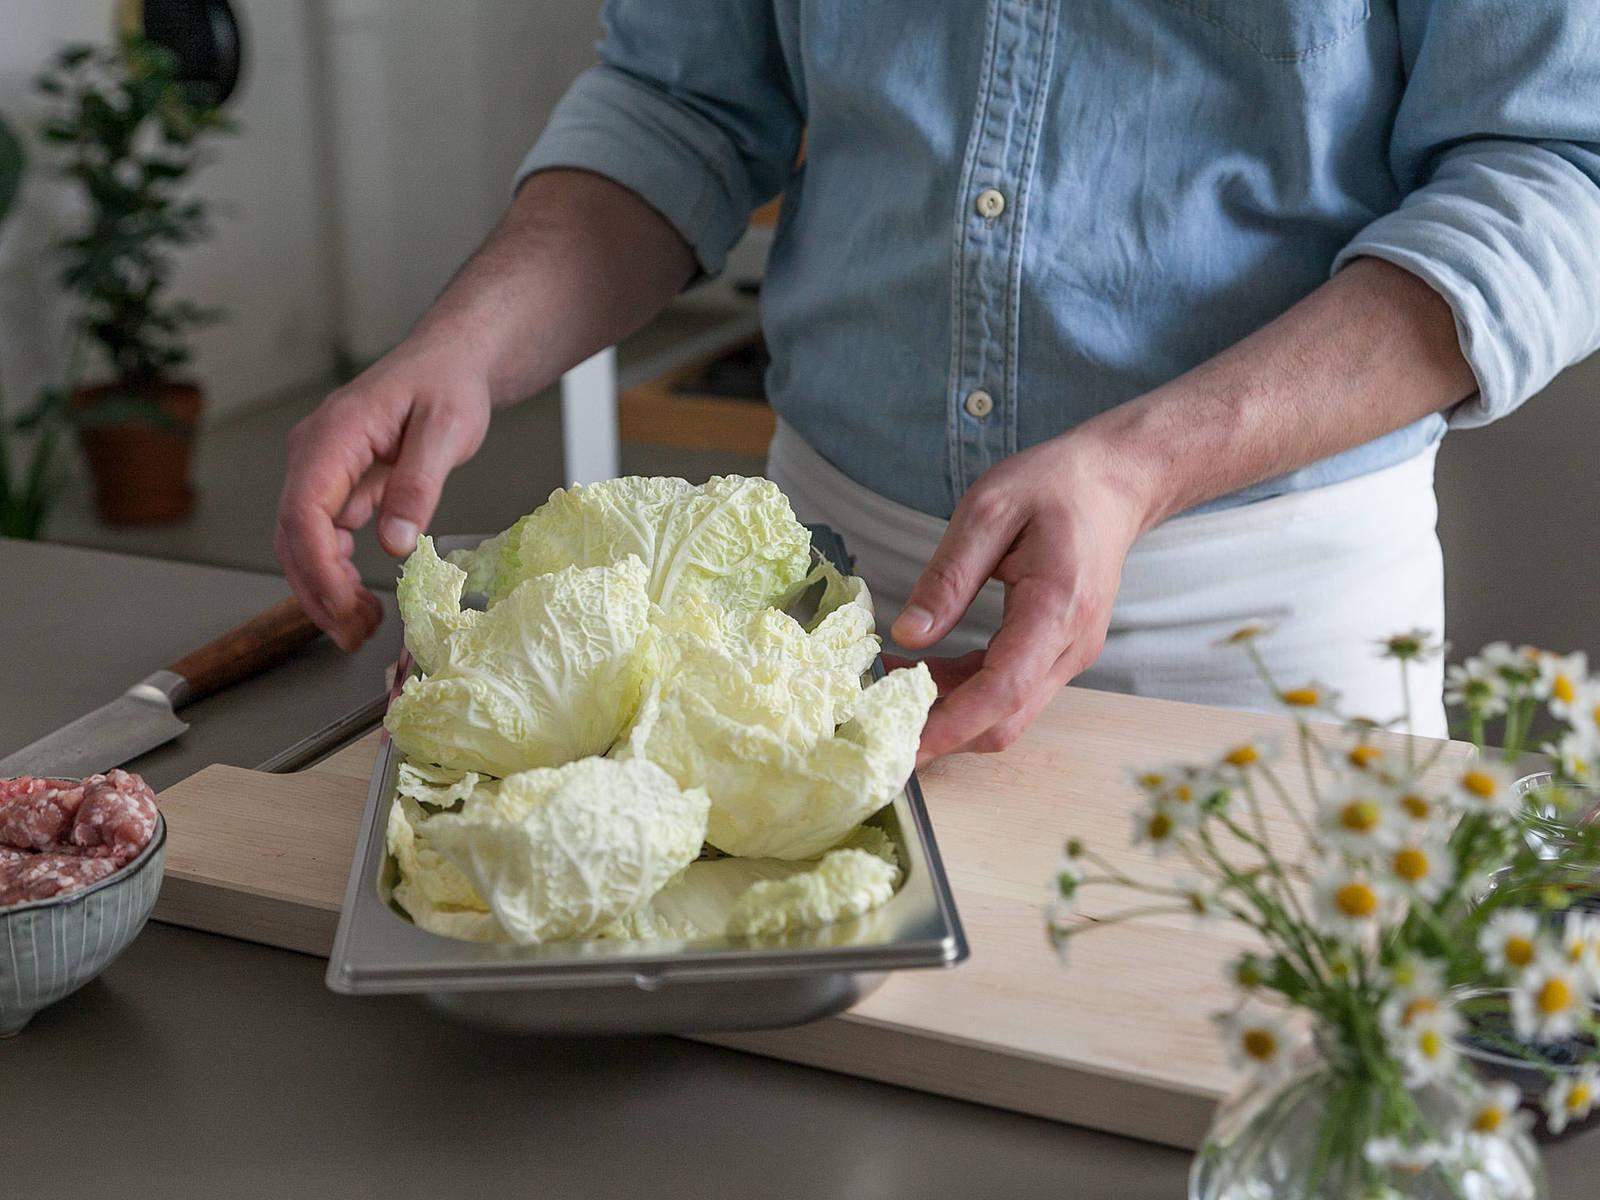 在蒸汽锅中焯白菜叶1分钟。然后直接放到装满冰块的碗中。